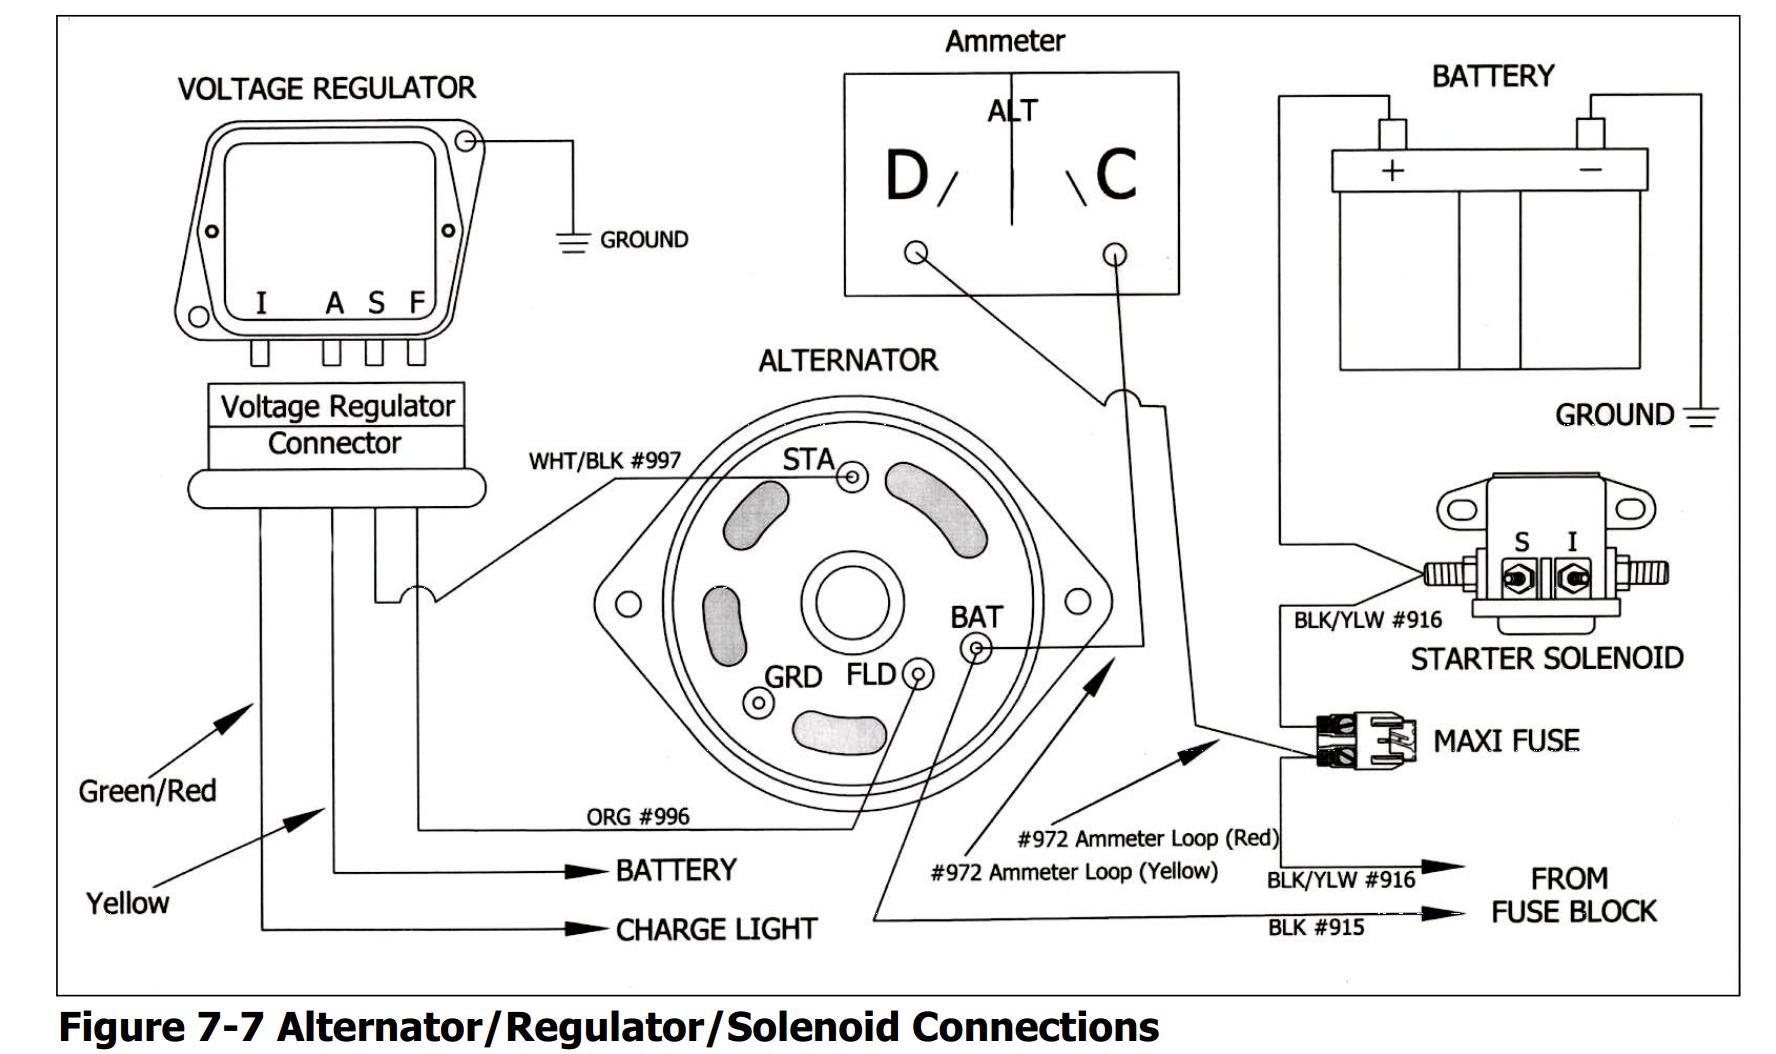 hight resolution of cbr1100xx rectifier wiring diagram wiring libraryvoltage regulator diagram voltage regulator diagram truck